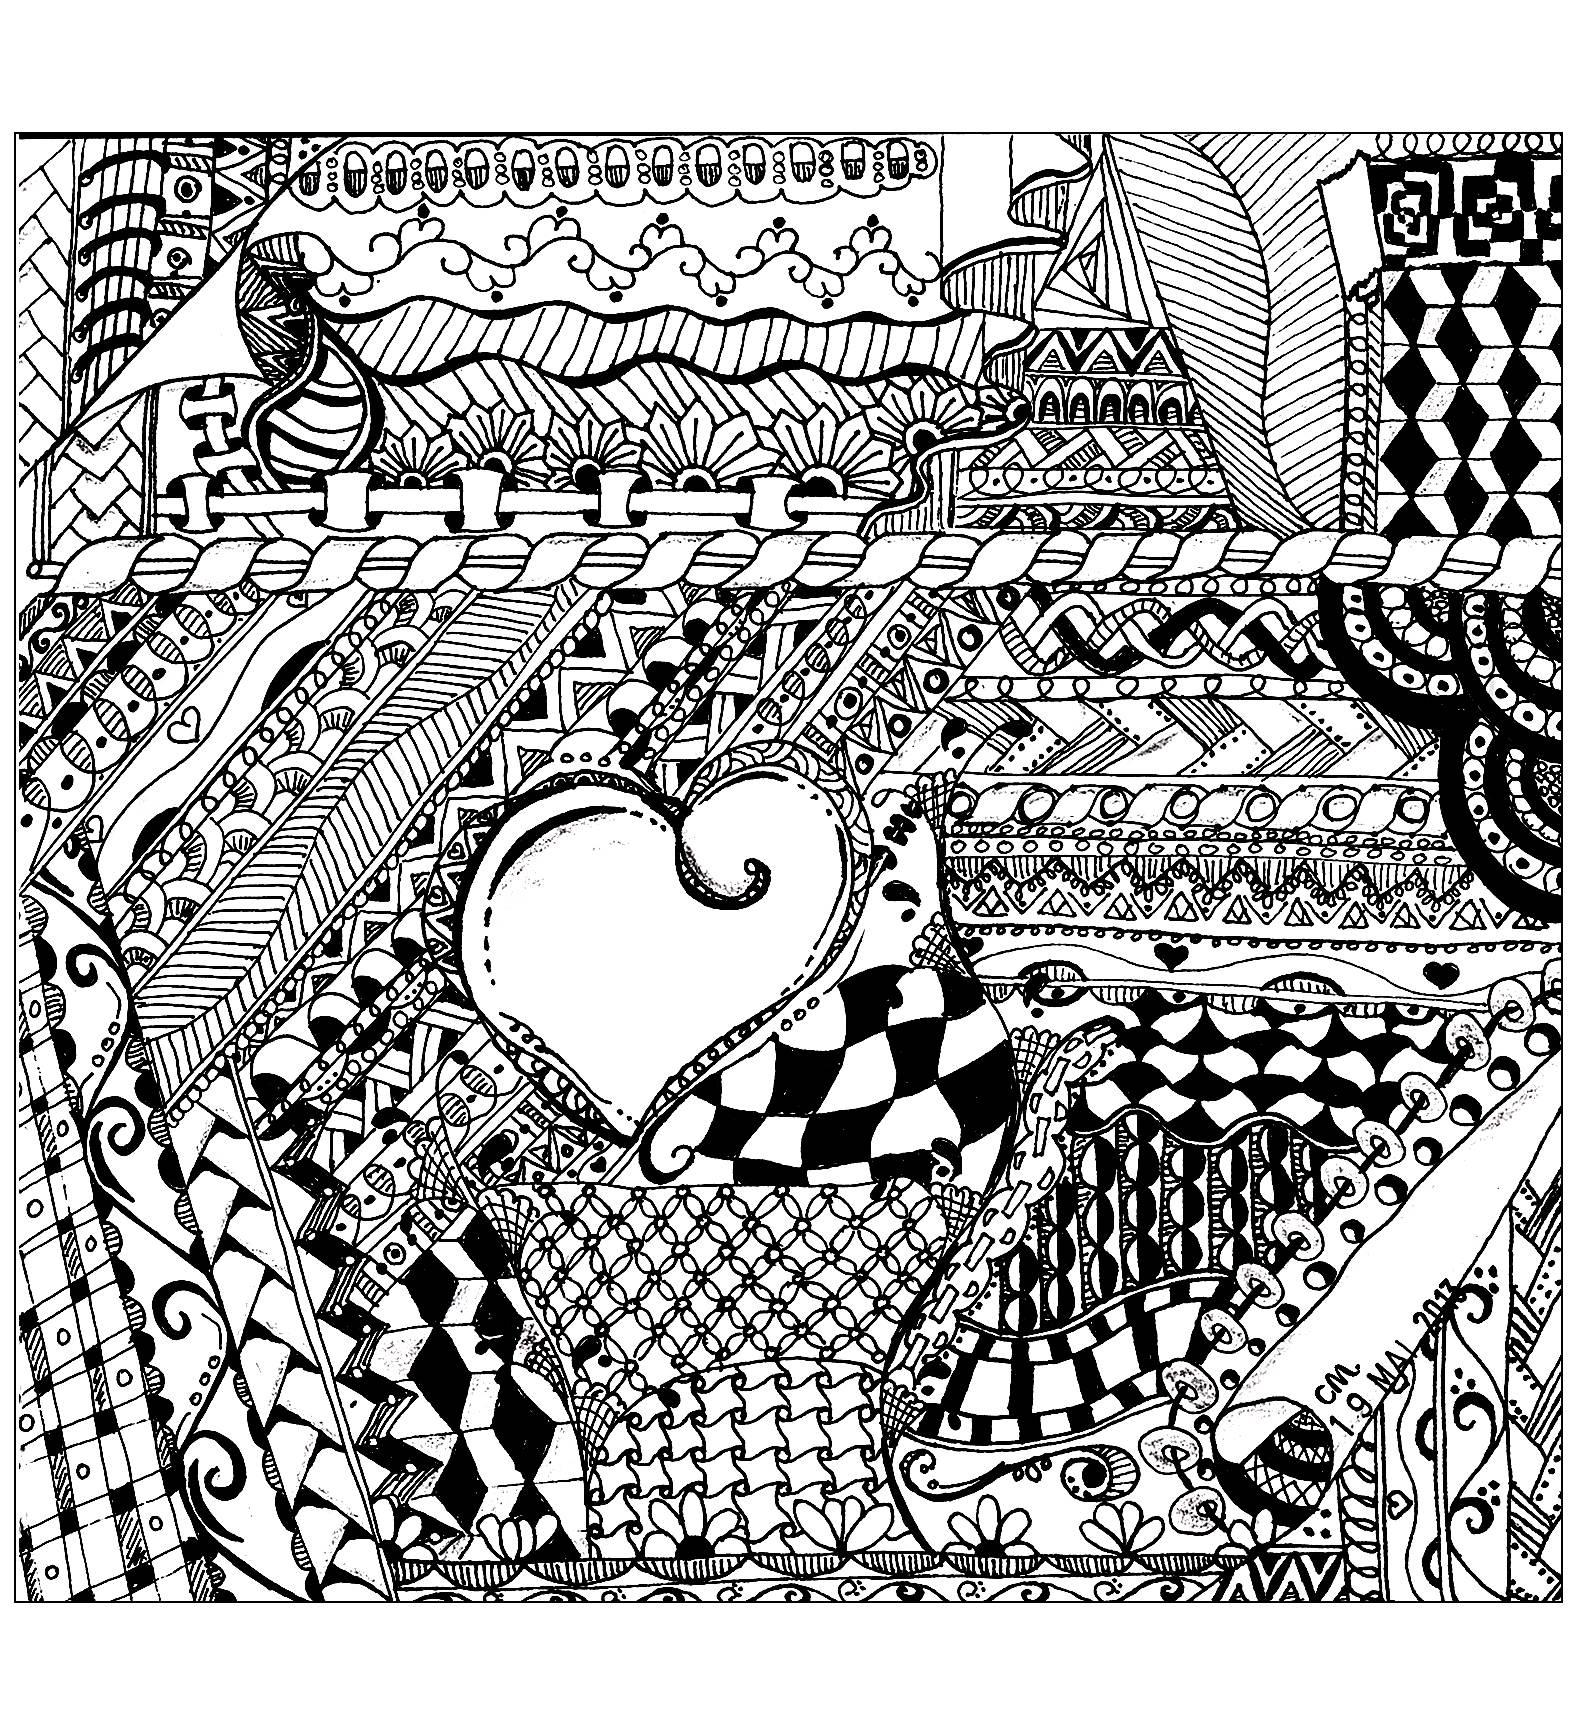 'Lâcher prise', coloriage original  Voir l'oeuvre originale